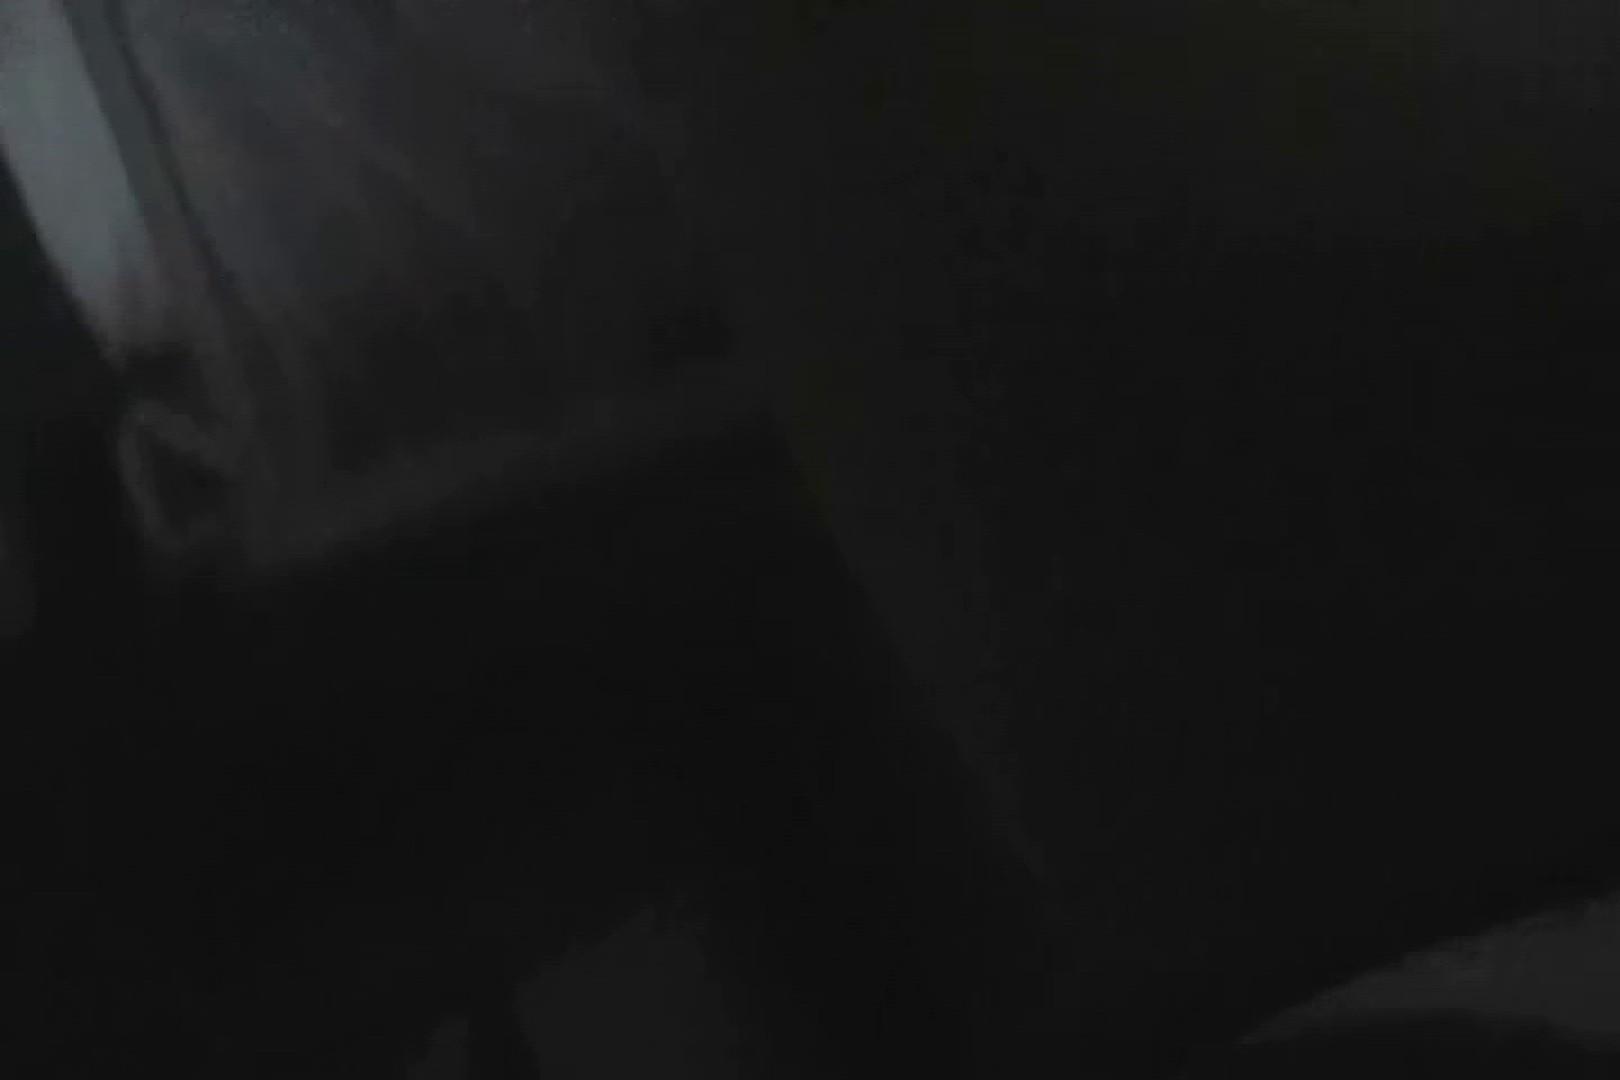 流出!極太の悪戯ウォッチング!前編 悪戯特集 | 手淫 ゲイ無料エロ画像 92枚 58